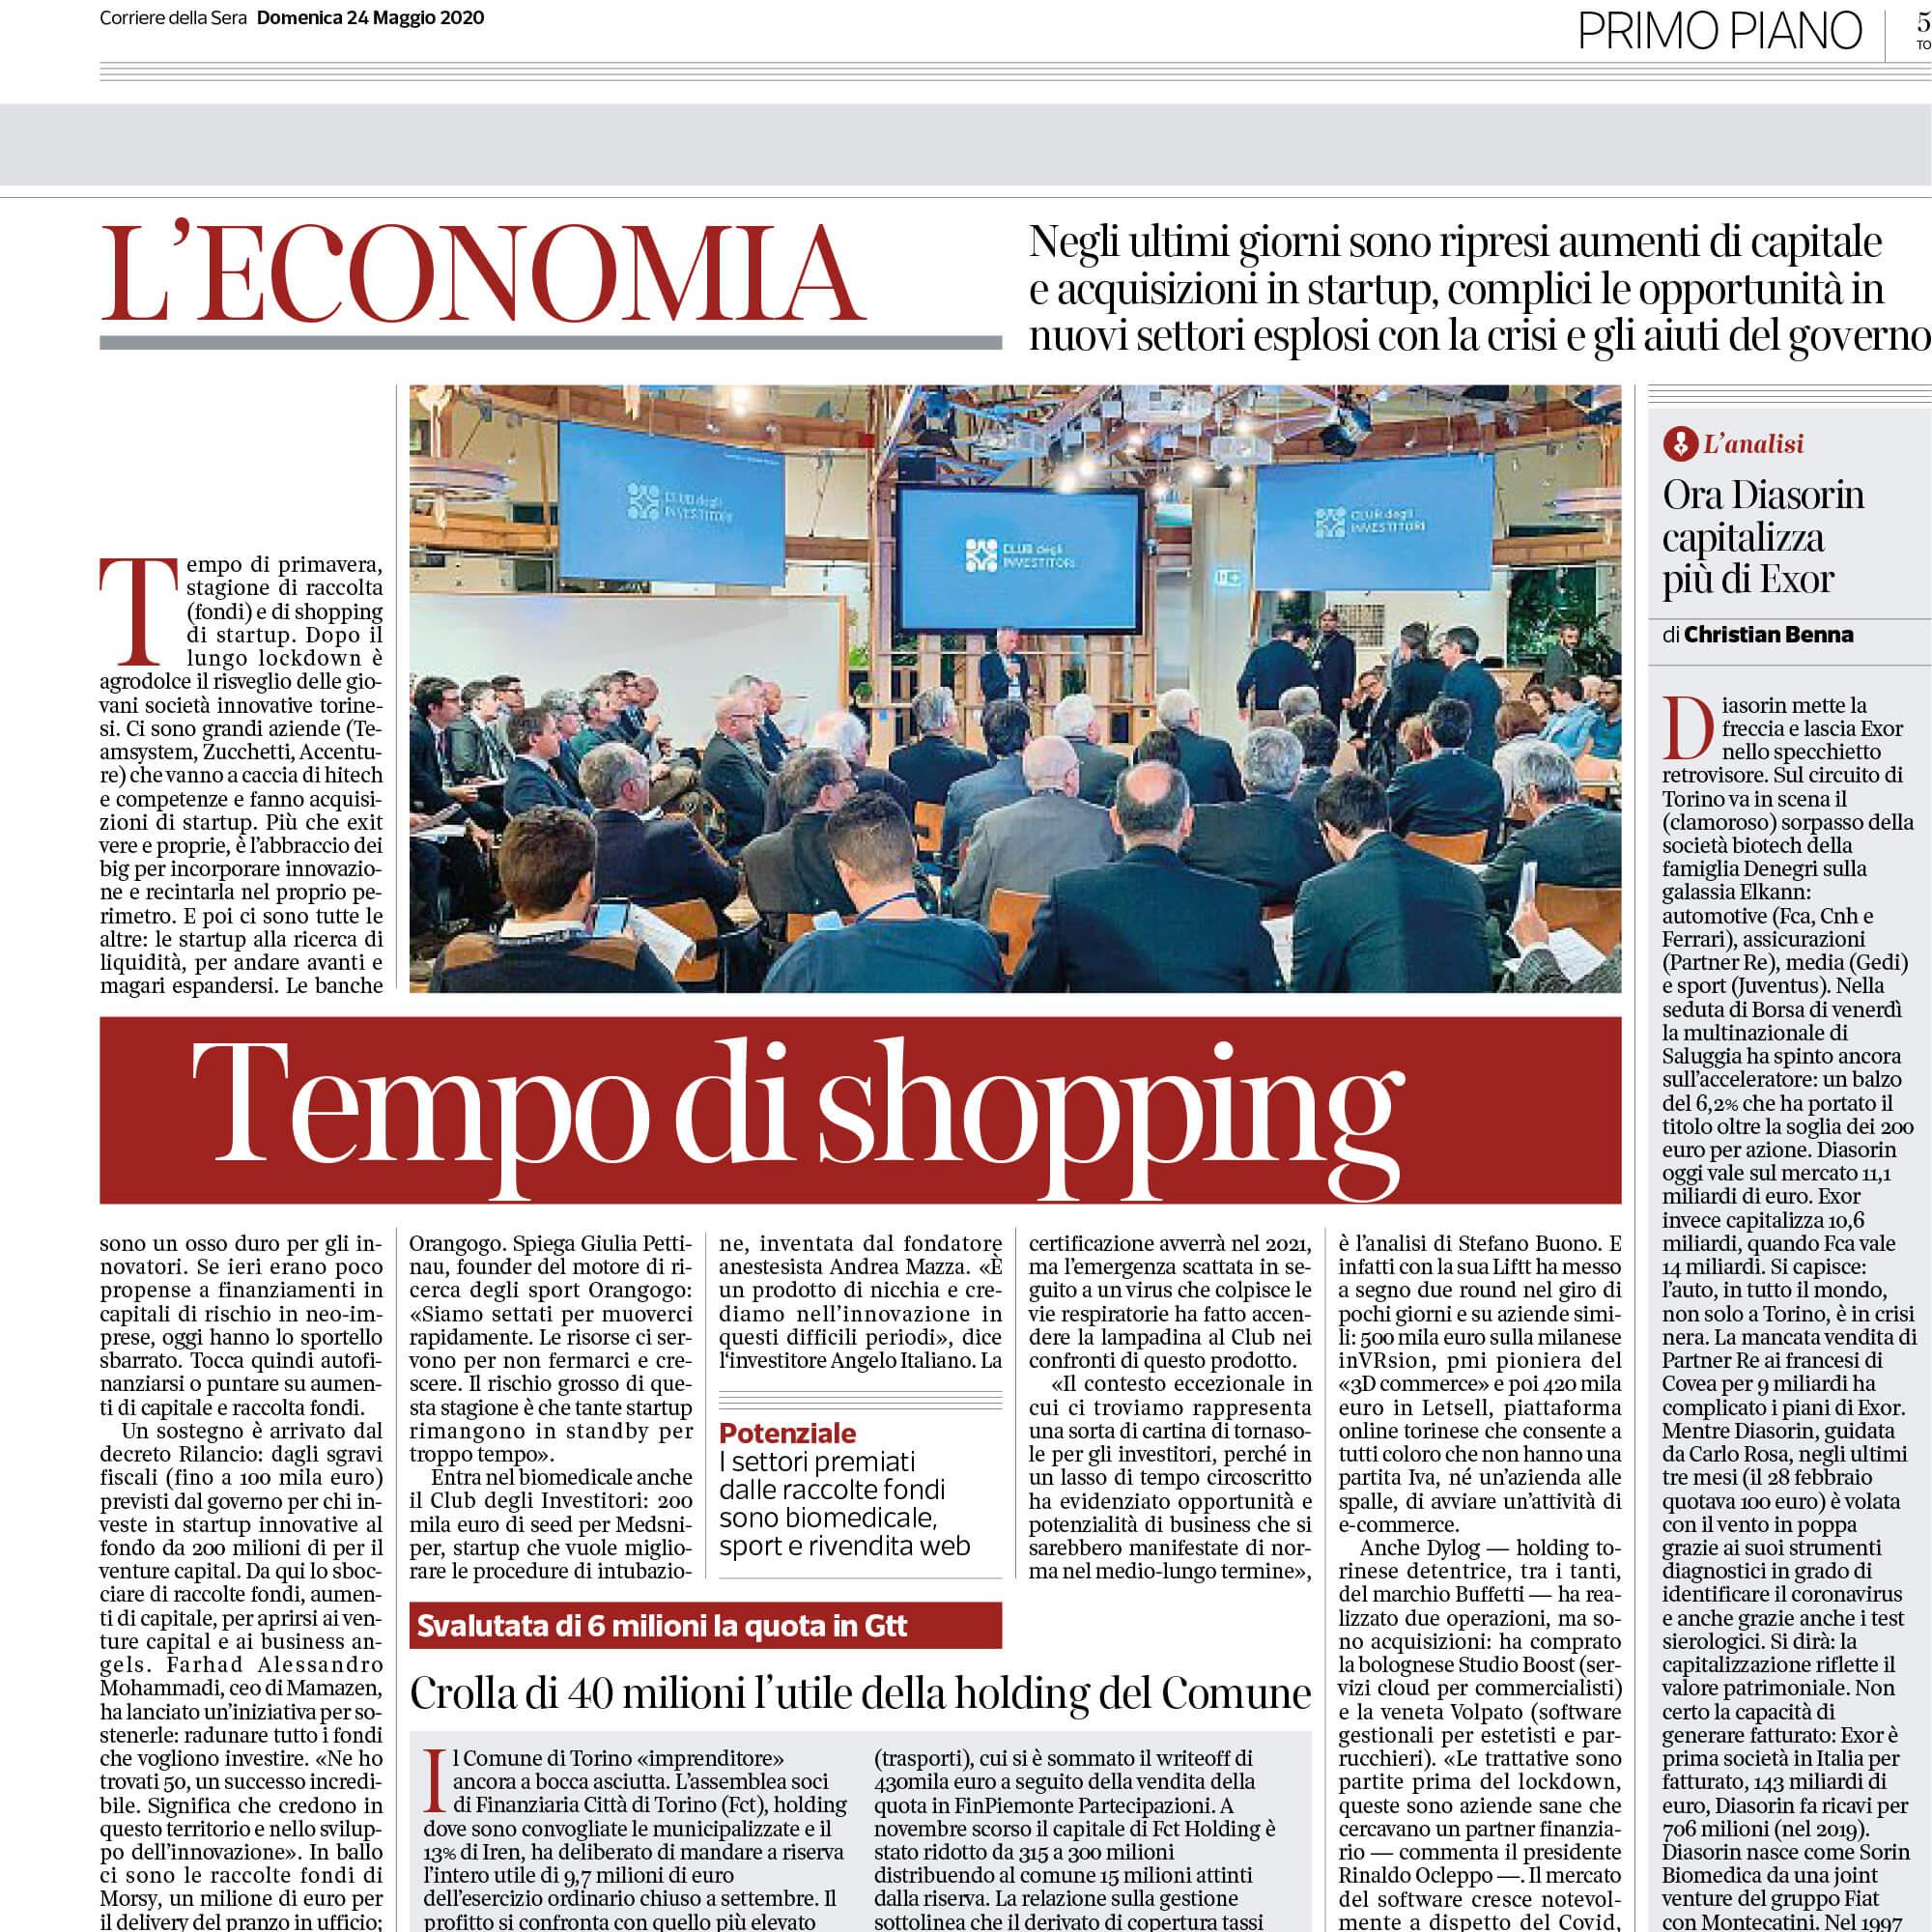 2020-05-24_LIFTT_Corriere_della_Sera